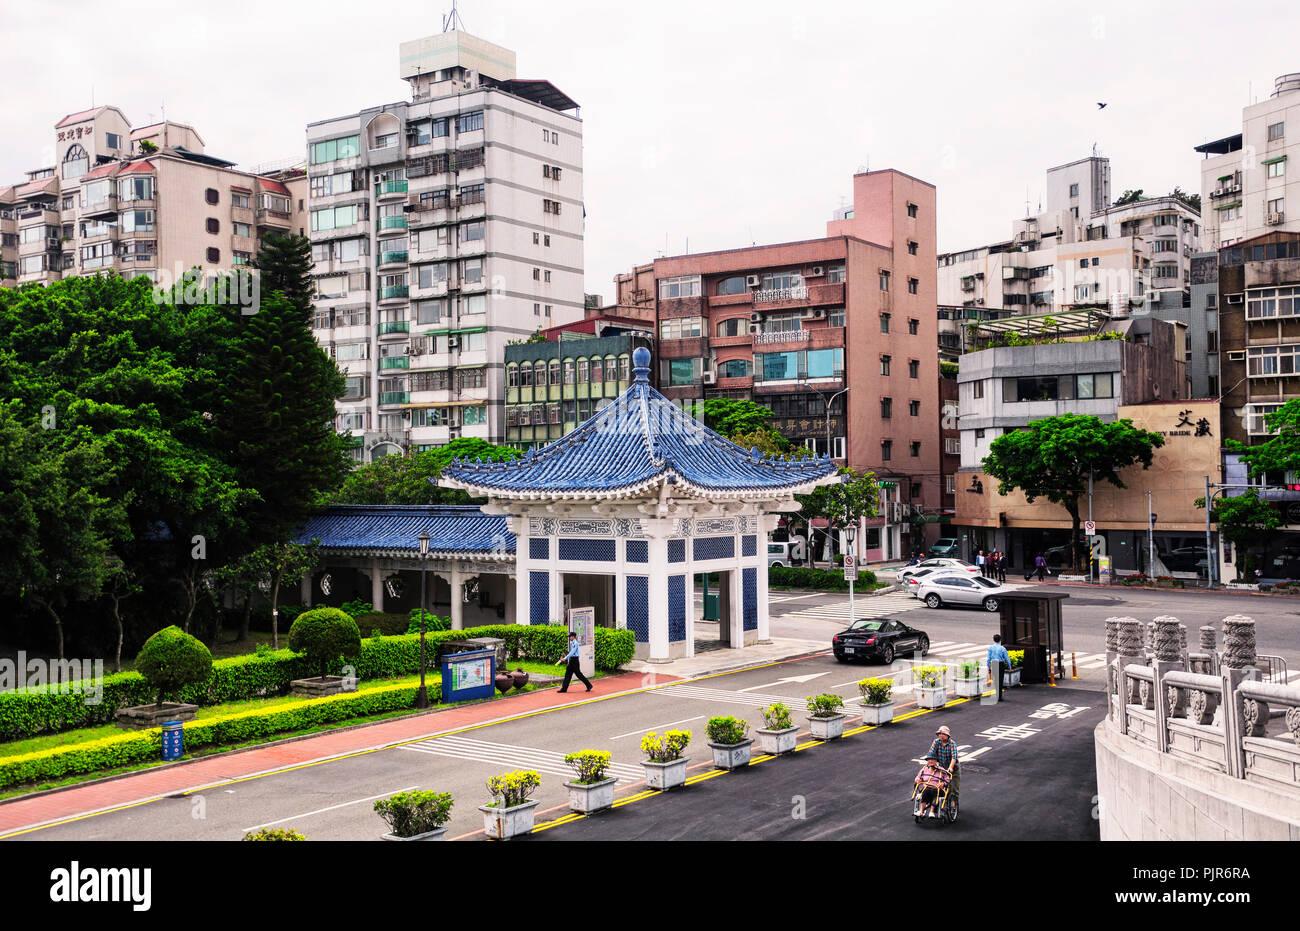 El 31 de marzo de 2018. Taipei, Taiwán. Edificios de apartamentos en el distrito Zhongzheng de Taipei Taiwán cerca de la entrada de la sala del Teatro Nacional. Imagen De Stock